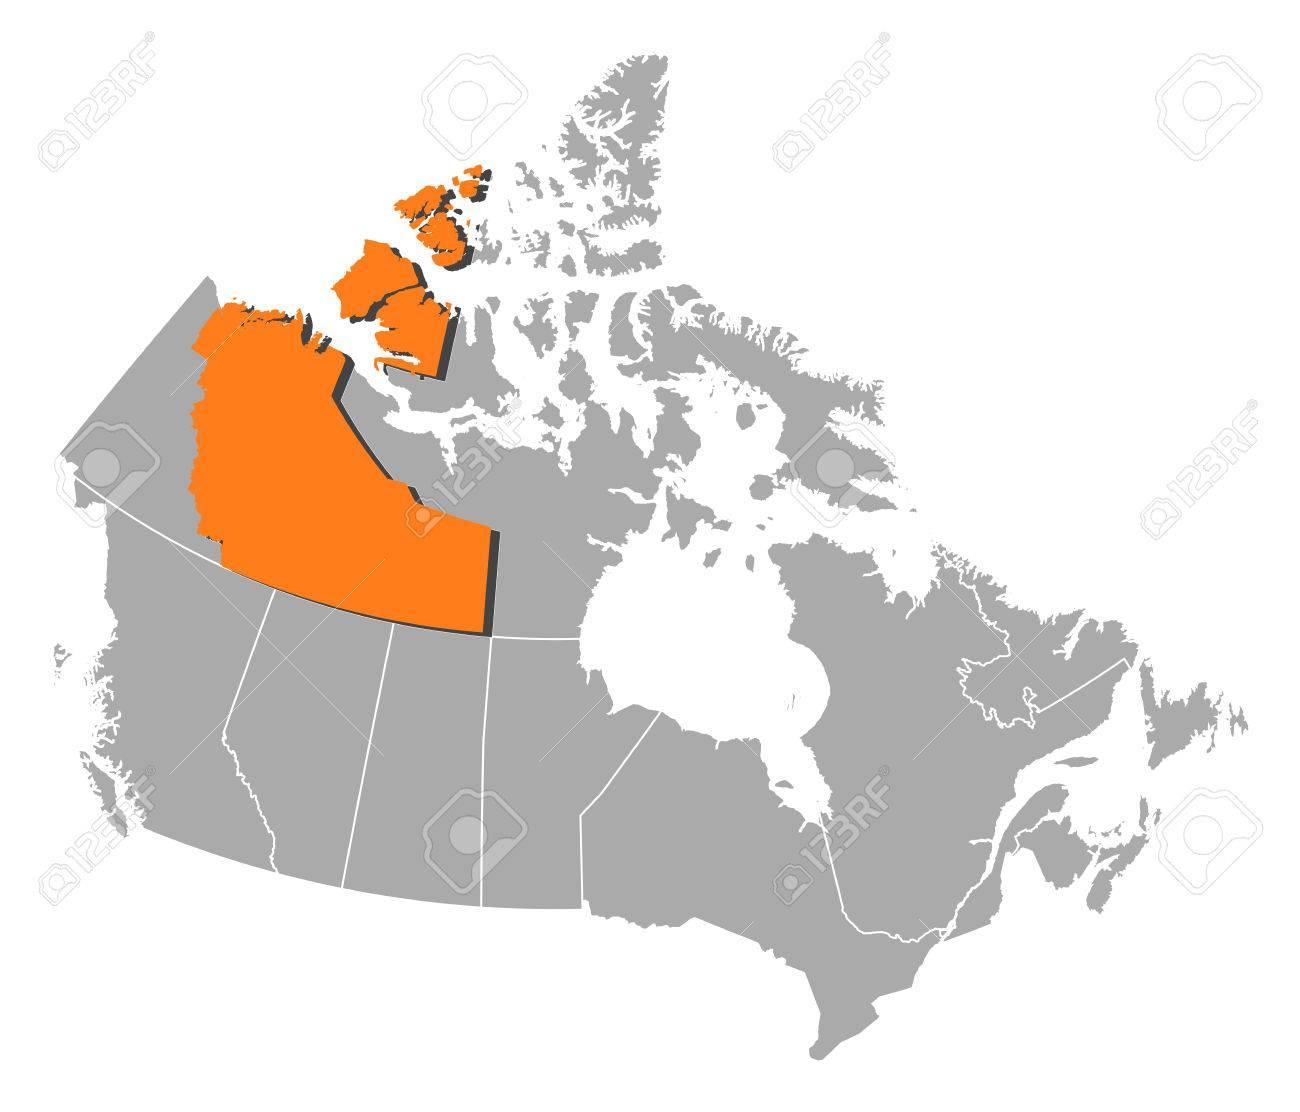 Carte Canada Nord Ouest.Carte Du Canada Avec Les Provinces Les Territoires Du Nord Ouest Sont Surlignes En Orange